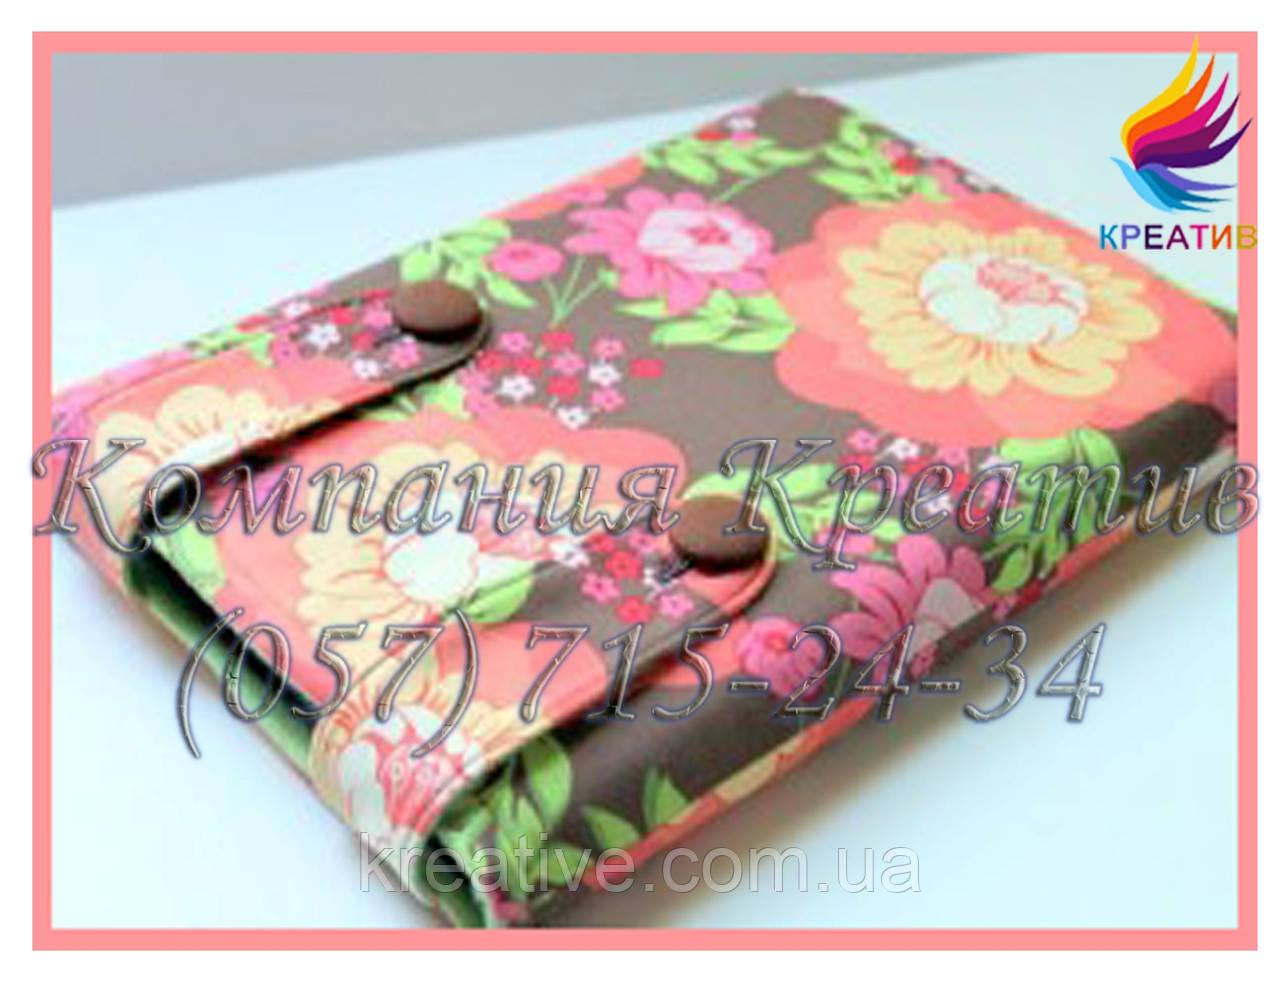 Чехол текстильный универсальный (под заказ от 50 шт.)